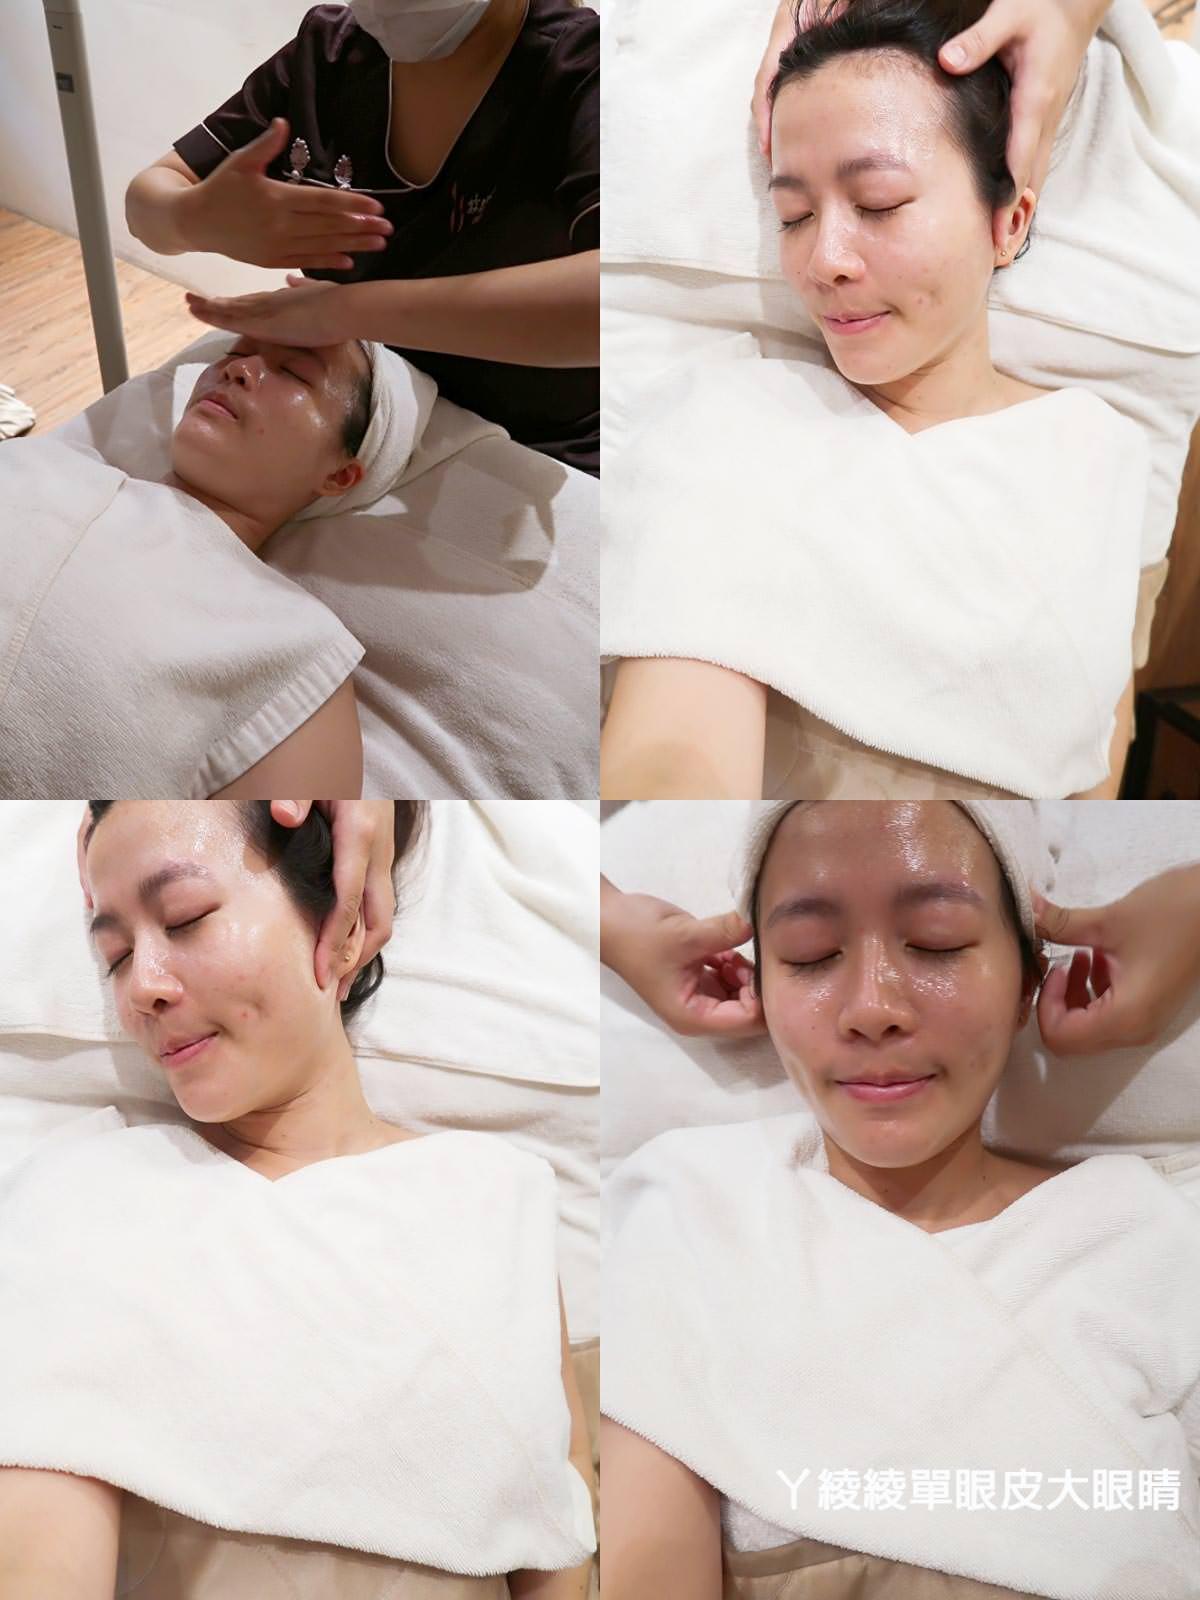 新竹護膚按摩推薦<窈窕佳人美容美體SPA生活館>,肩頸放鬆|保濕肌膚